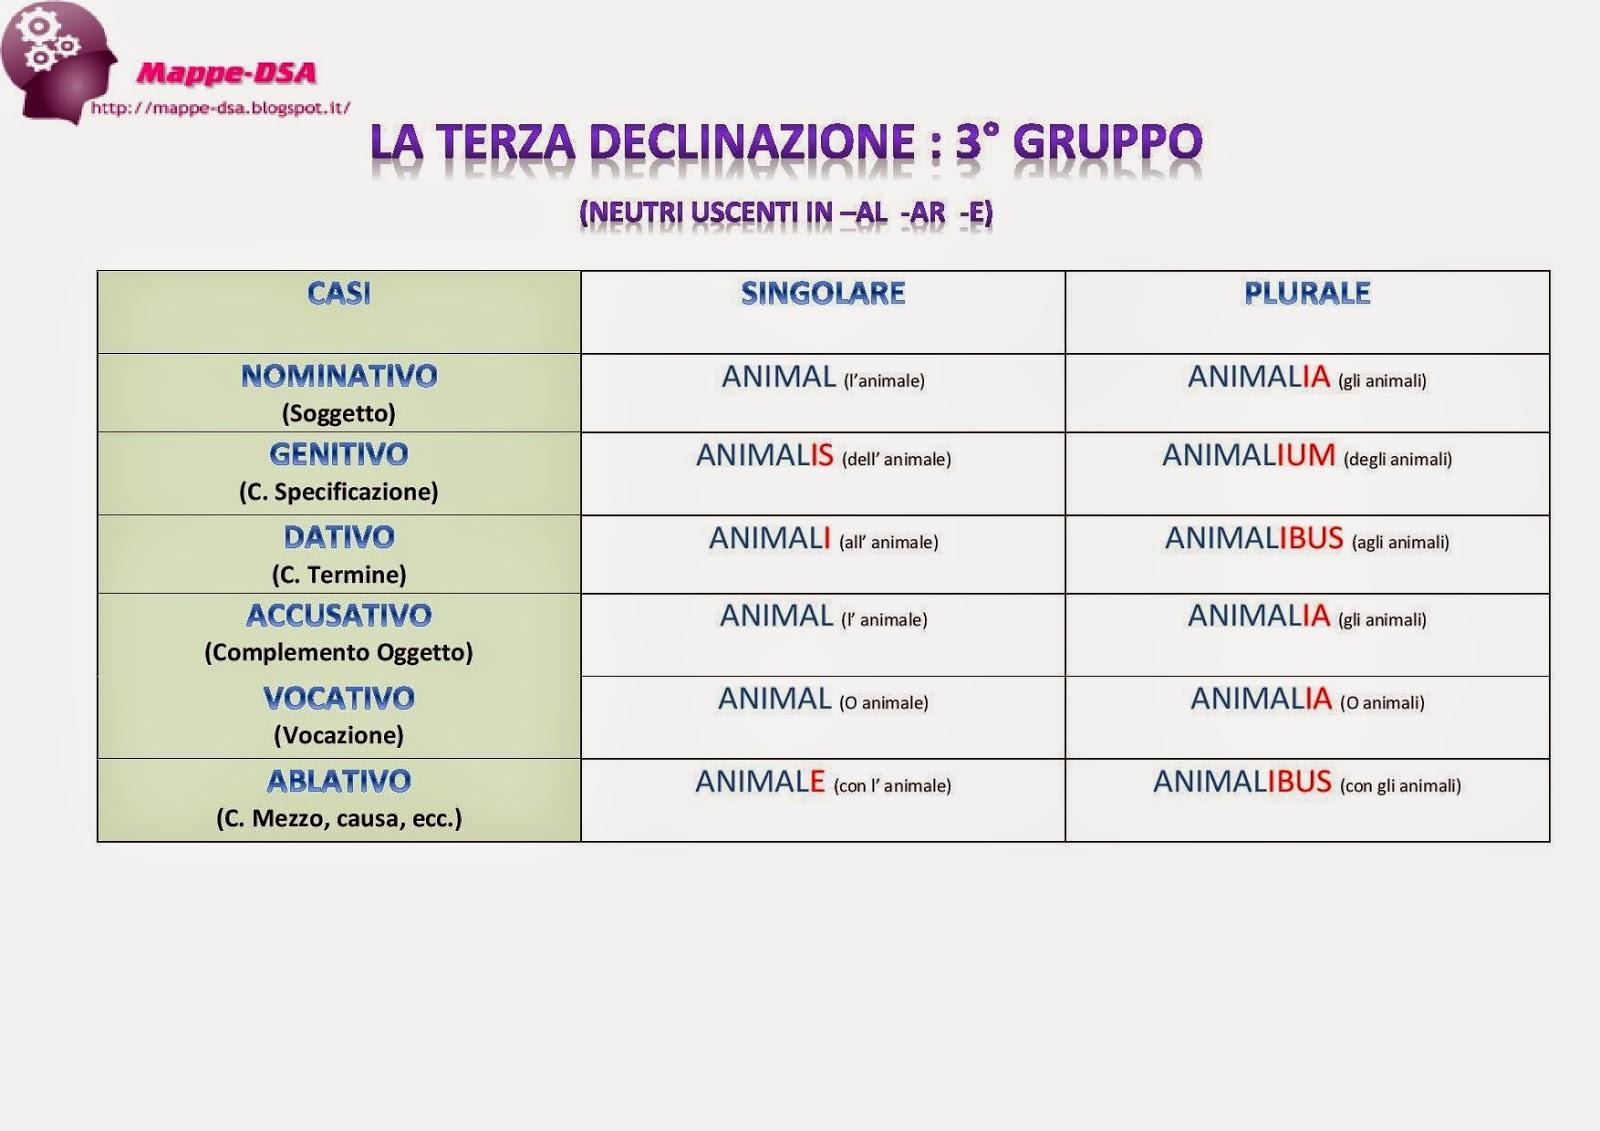 mappa dsa schema tabella latino declinazioni terza 3° declinazione terzo gruppo animal